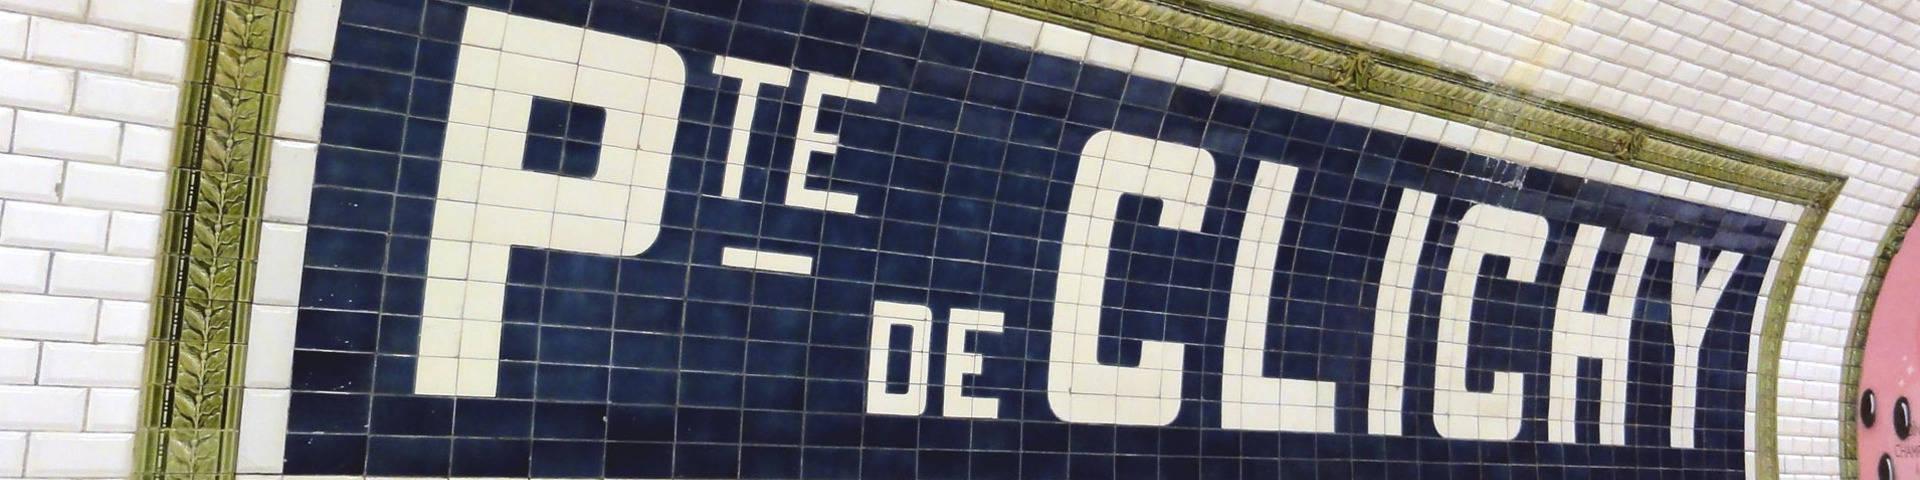 Hotels Autour De La Porte De Clichy